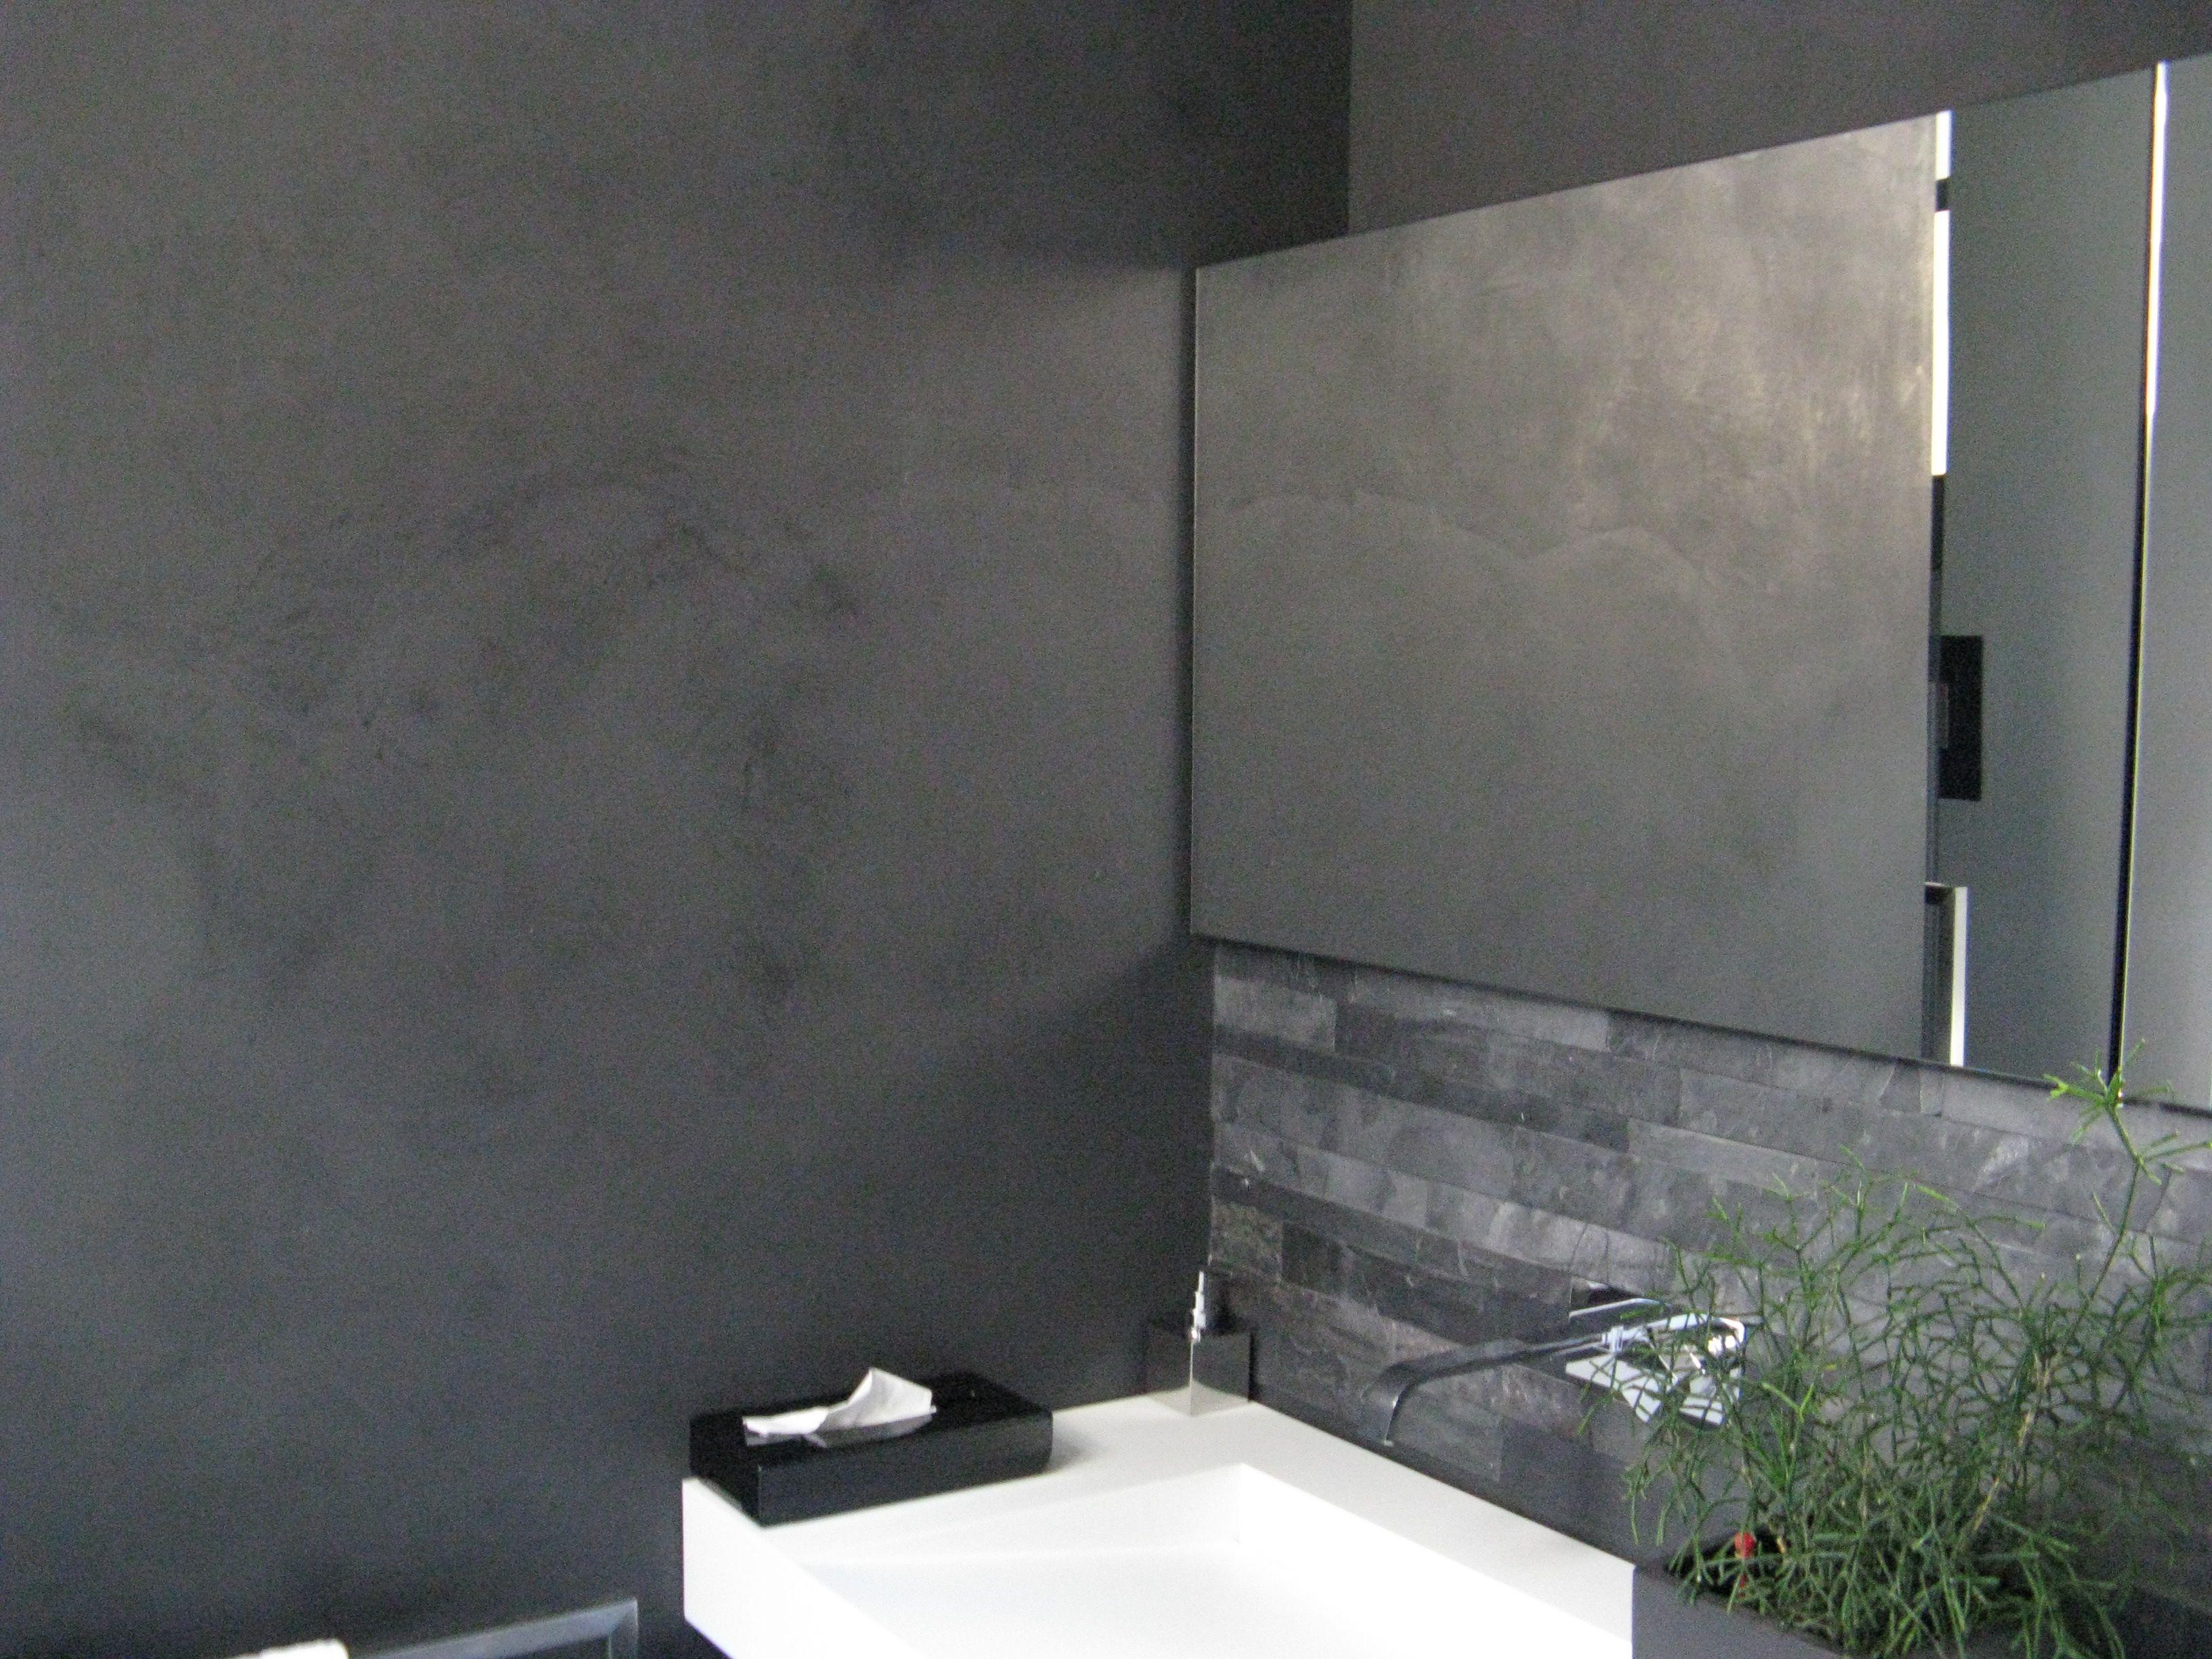 Grassello rasato ad effetto opaco grassello di calce slaked lime for wall bathtub bathroom - Vernice per vasca da bagno ...